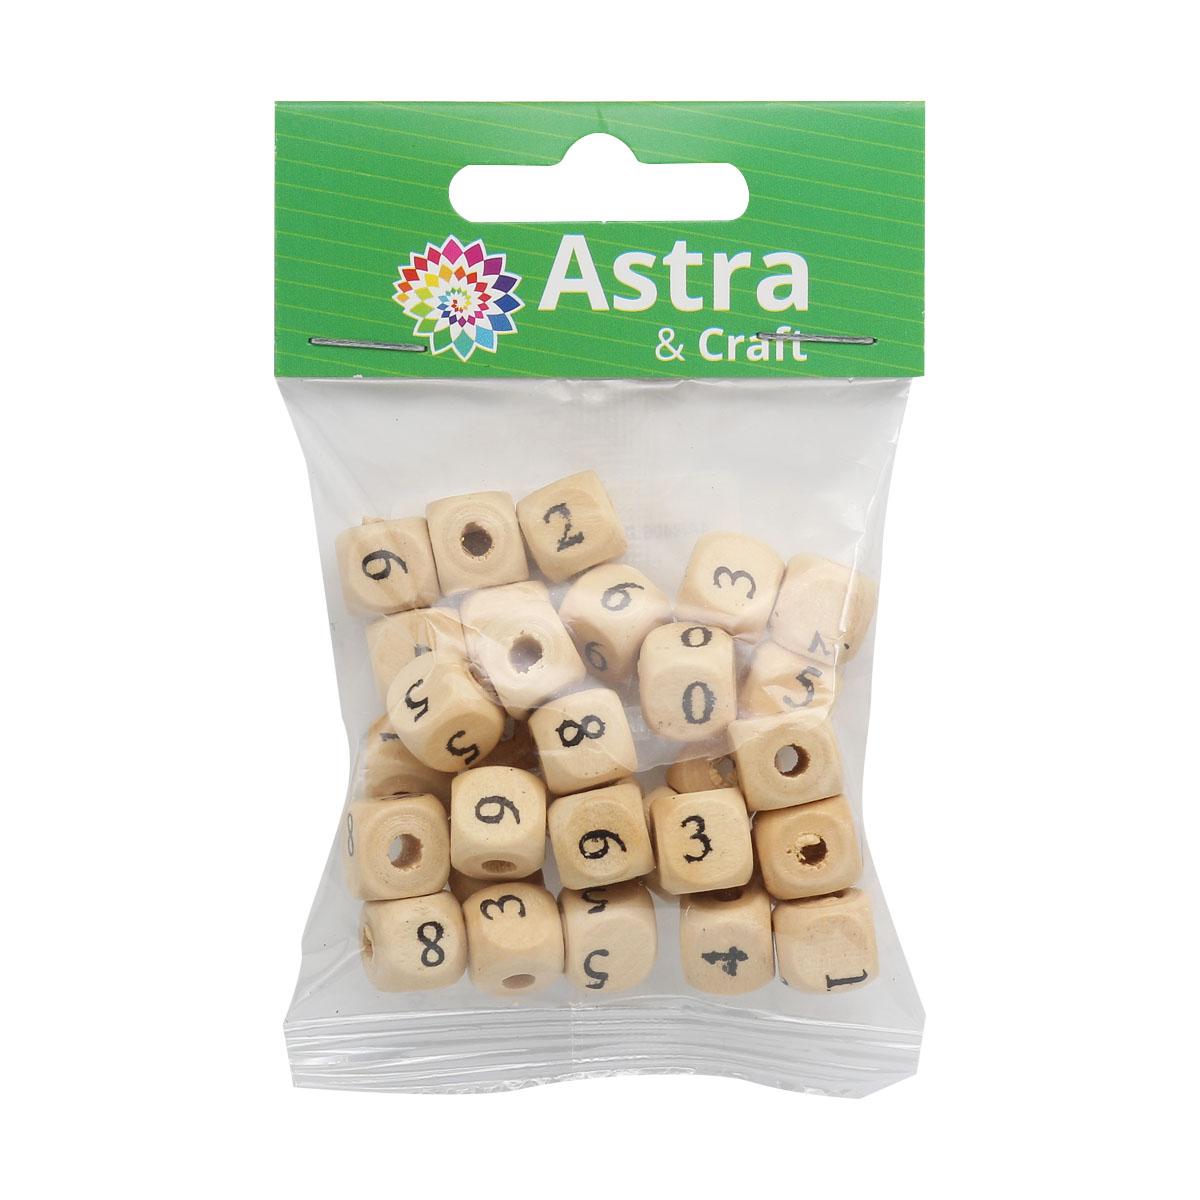 4AR406 Бусины деревянные с цифрами, 15гр/упак, Астра